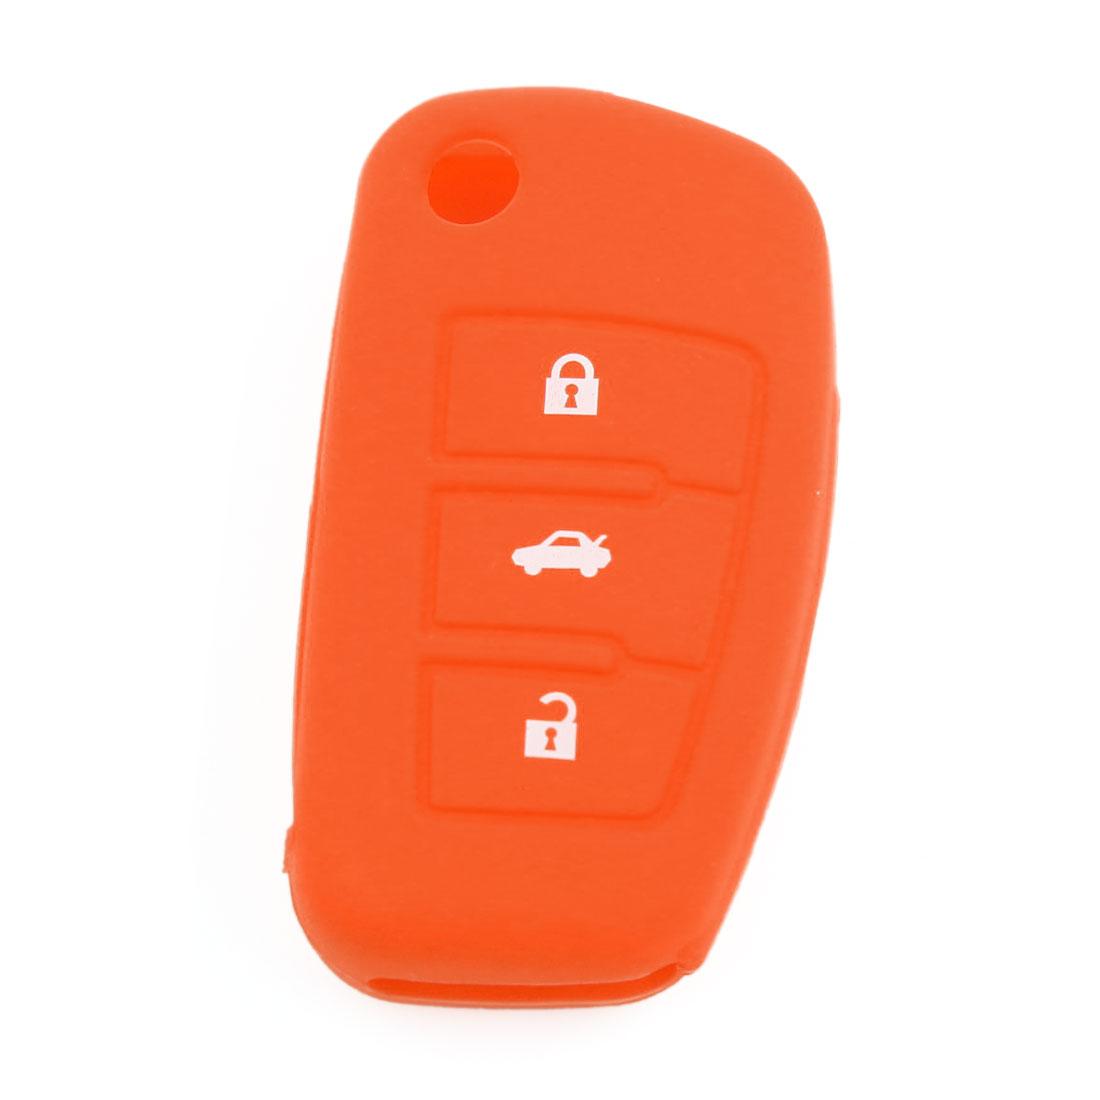 Orange Silicone Remote Fob Key Cover 3 Button for Audi A6L Q7 TT R8 A3 A4L 2009